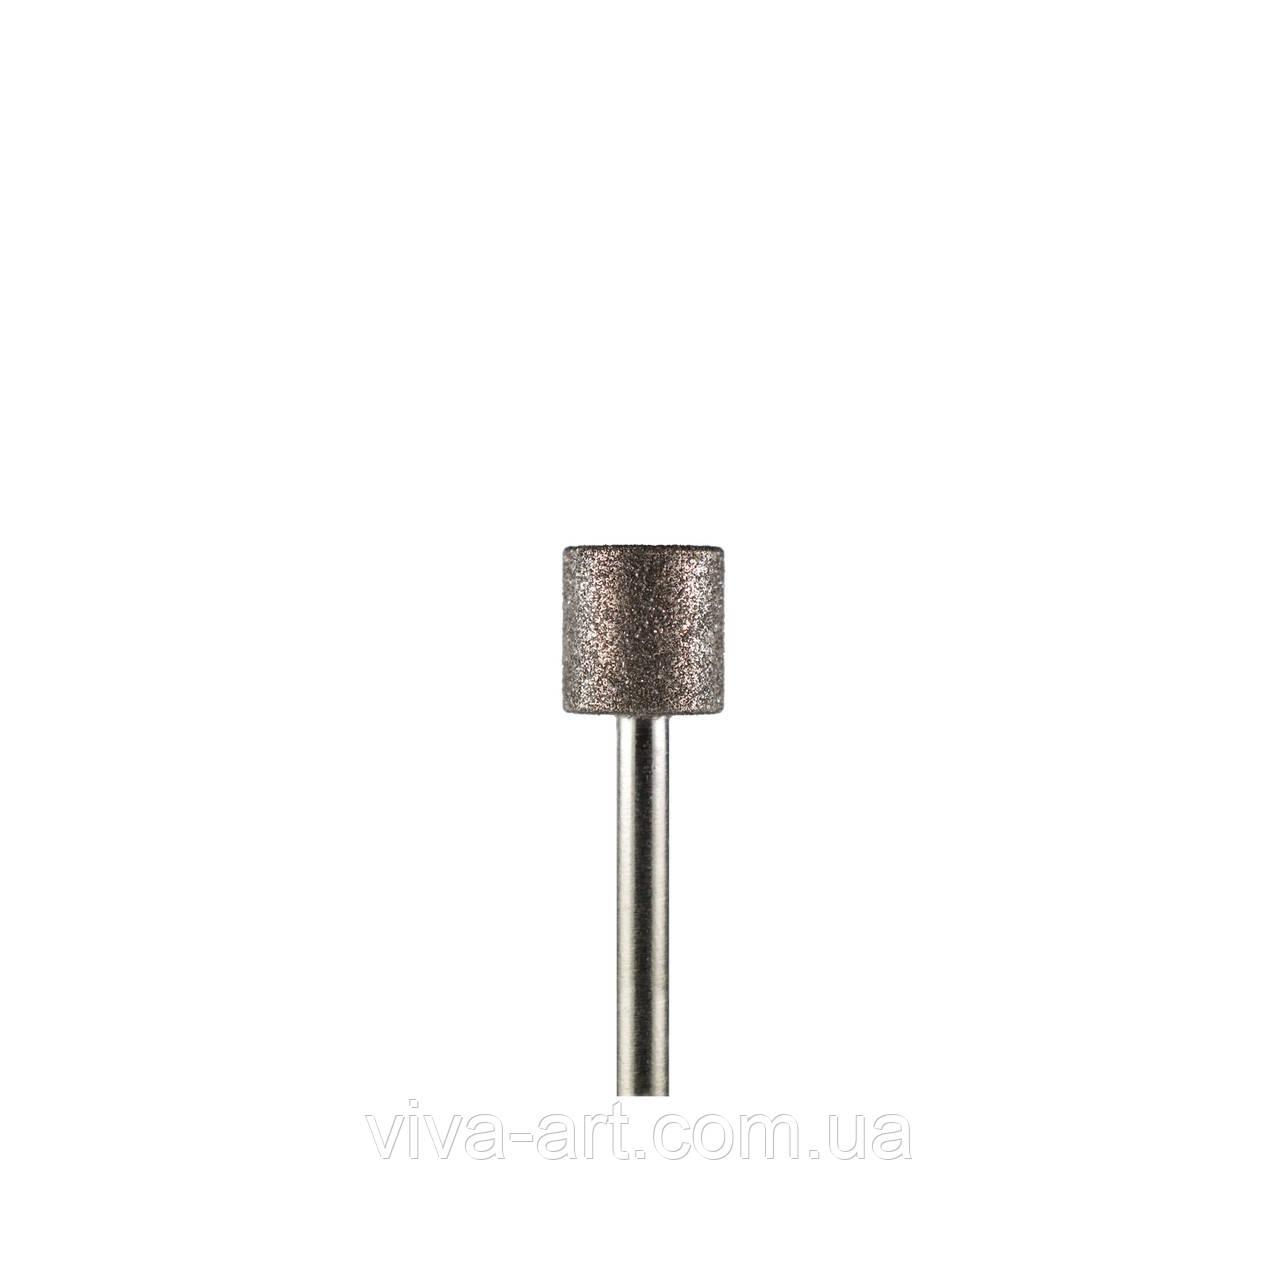 Алмазна насадка циліндр, 7 мм, середній абразив, Diaswiss (Швейцарія)